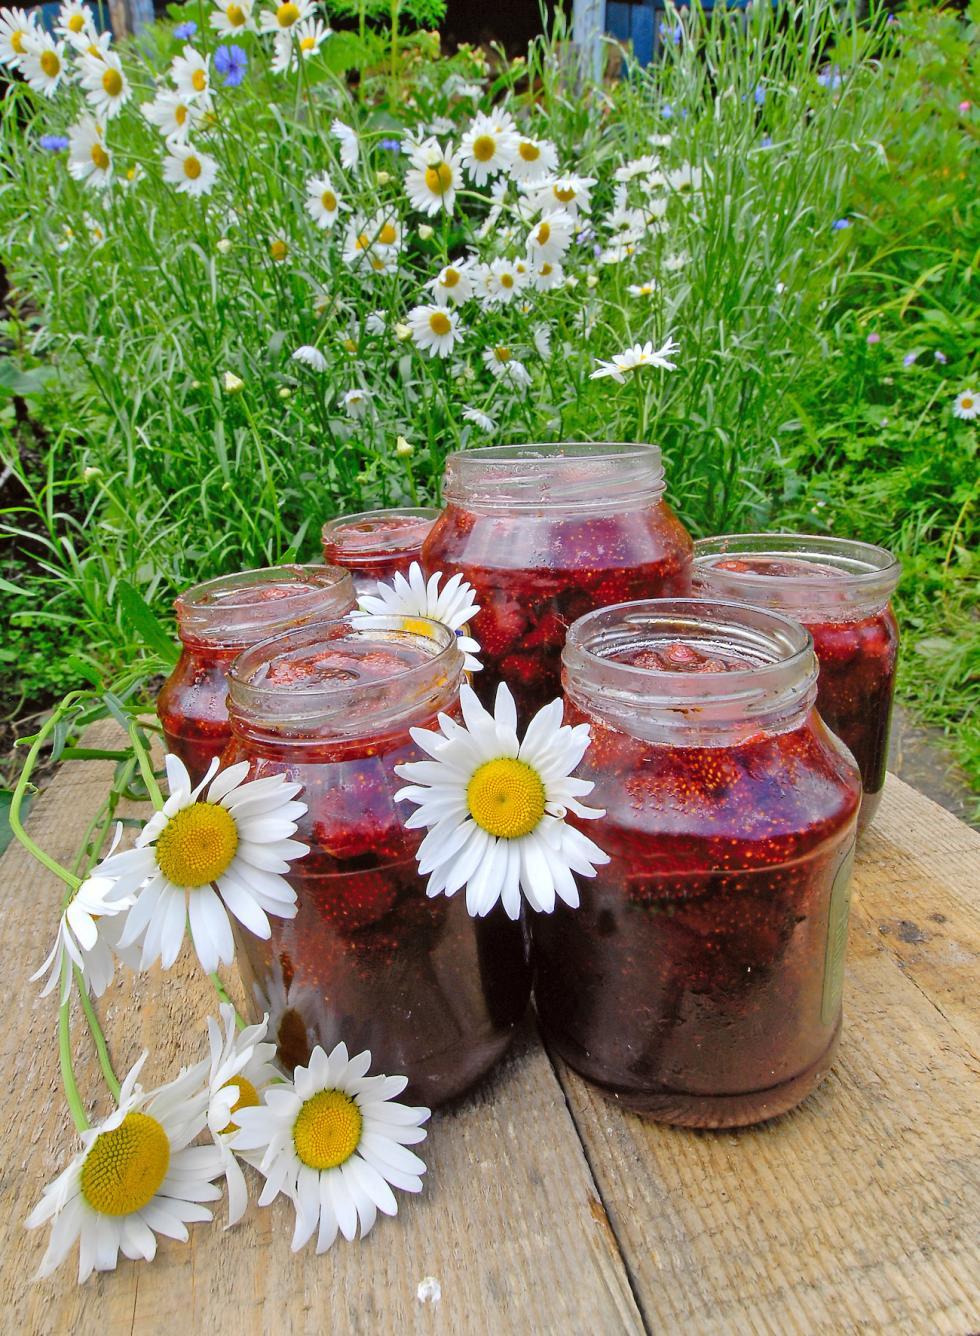 草莓果酱。图片来源:Aleksandr Kolbasov / 塔斯社